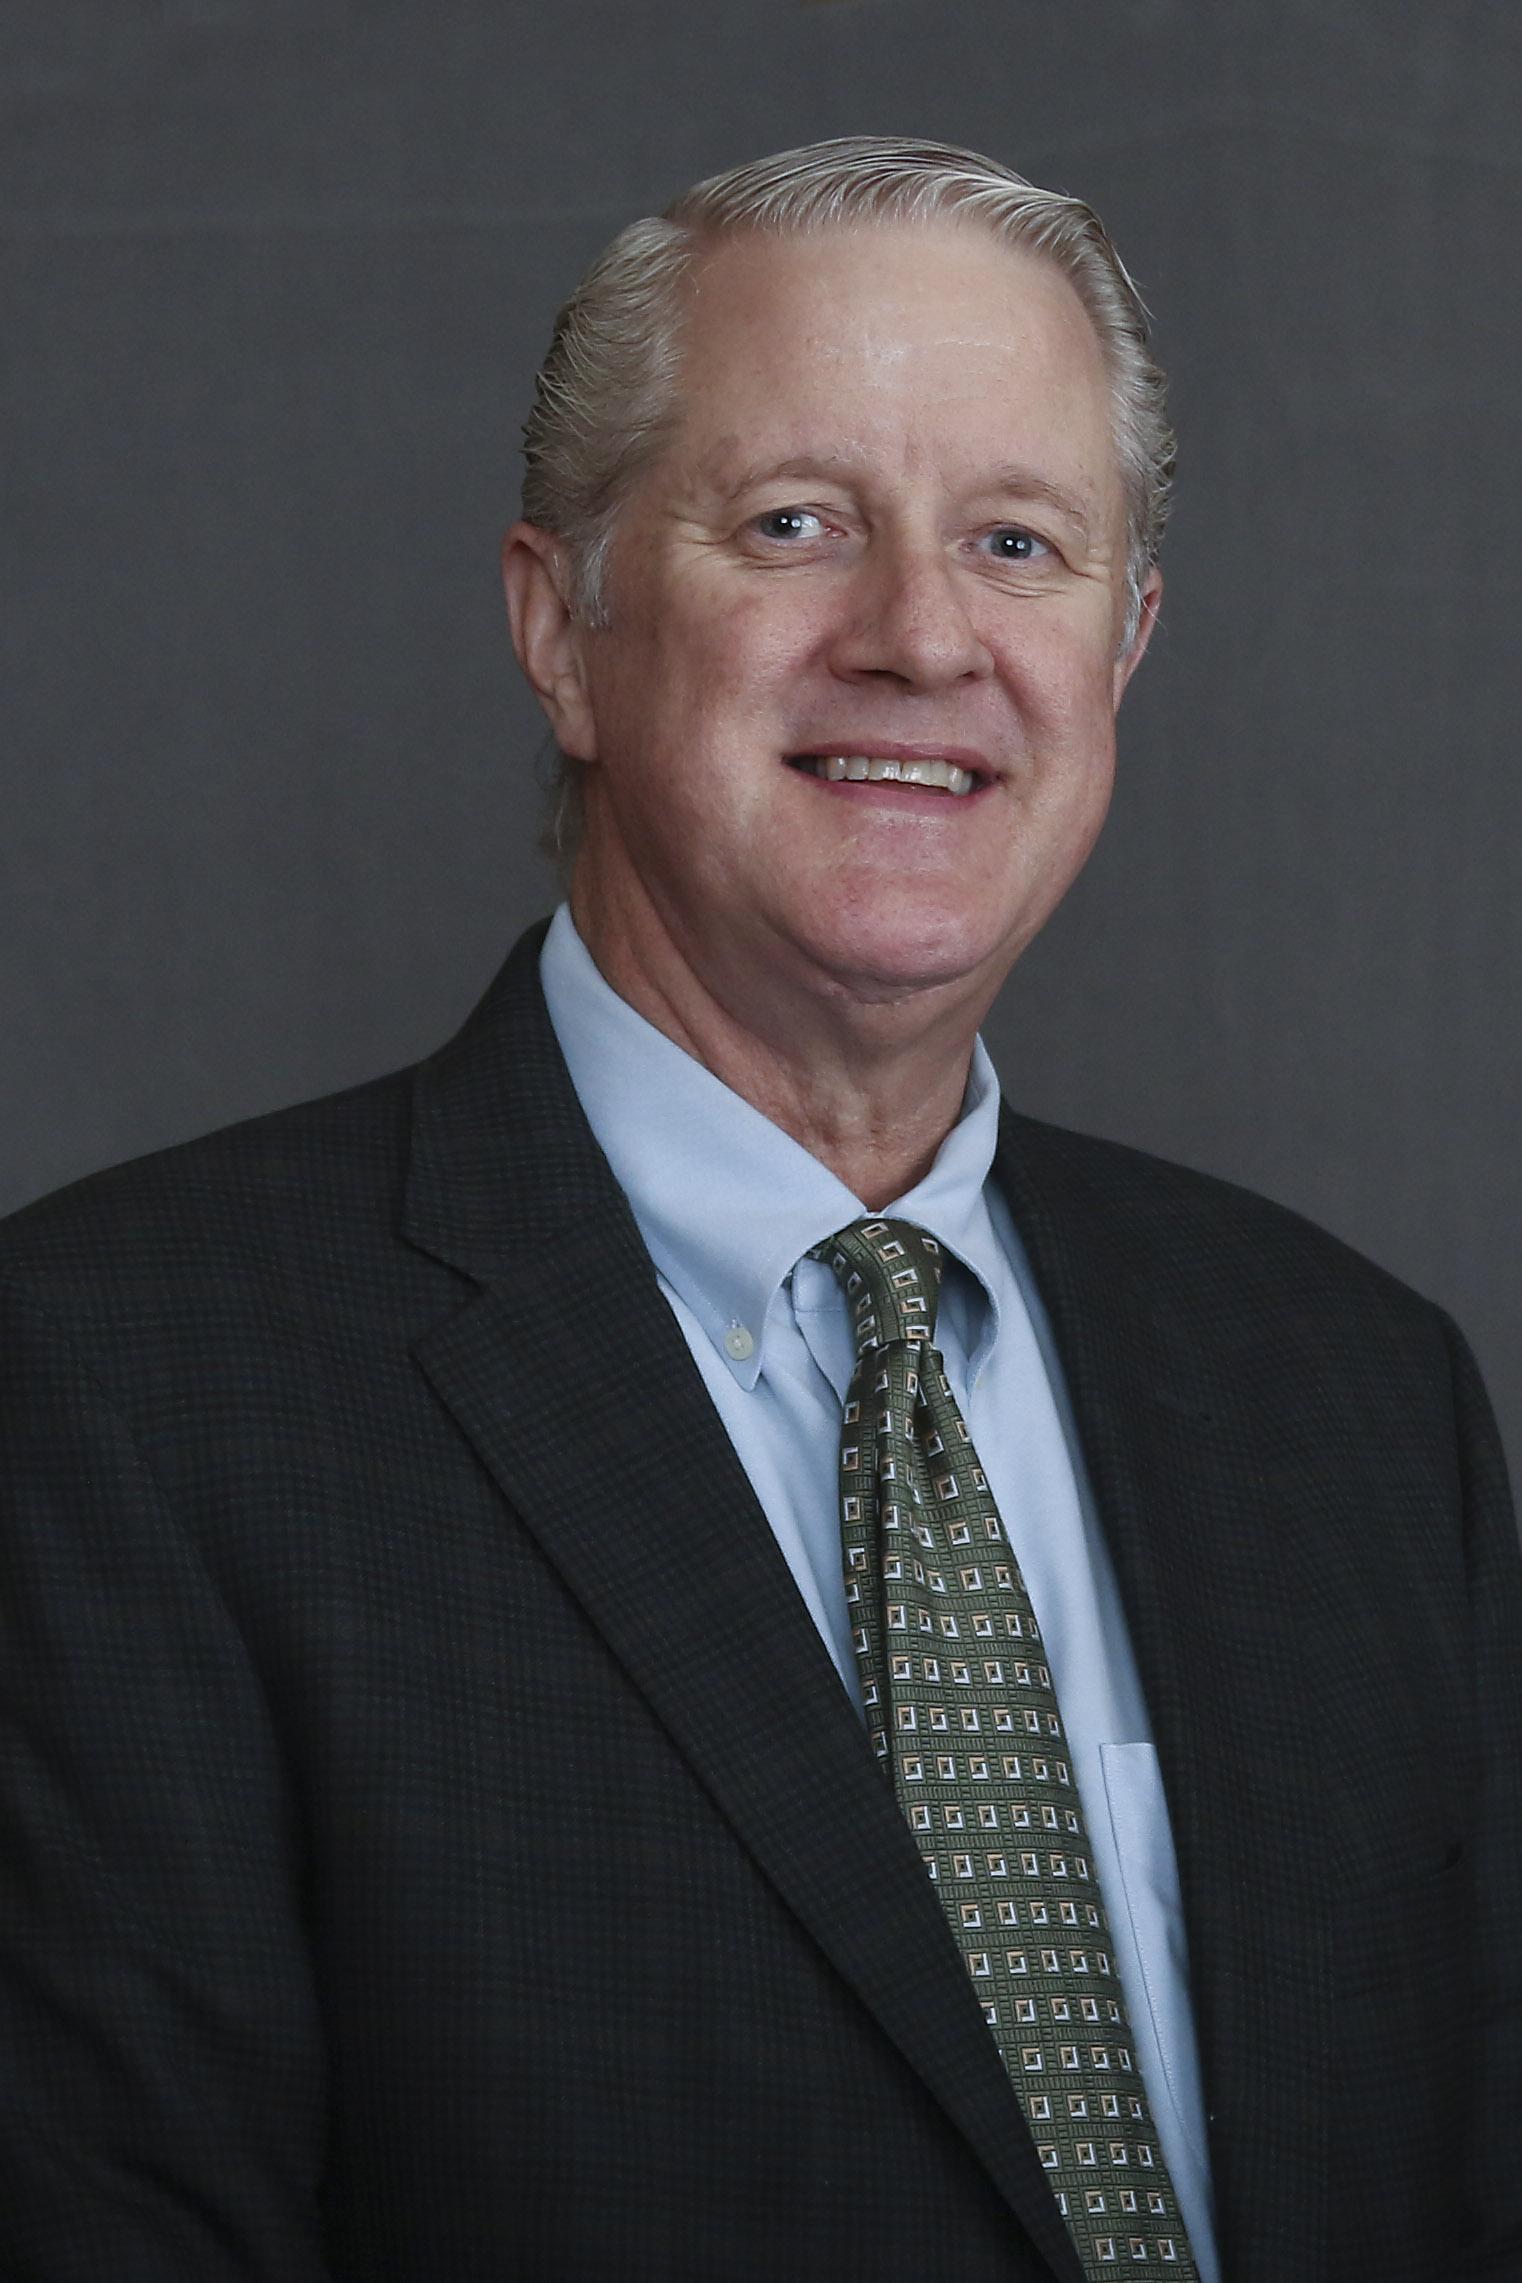 Craig Harbuck